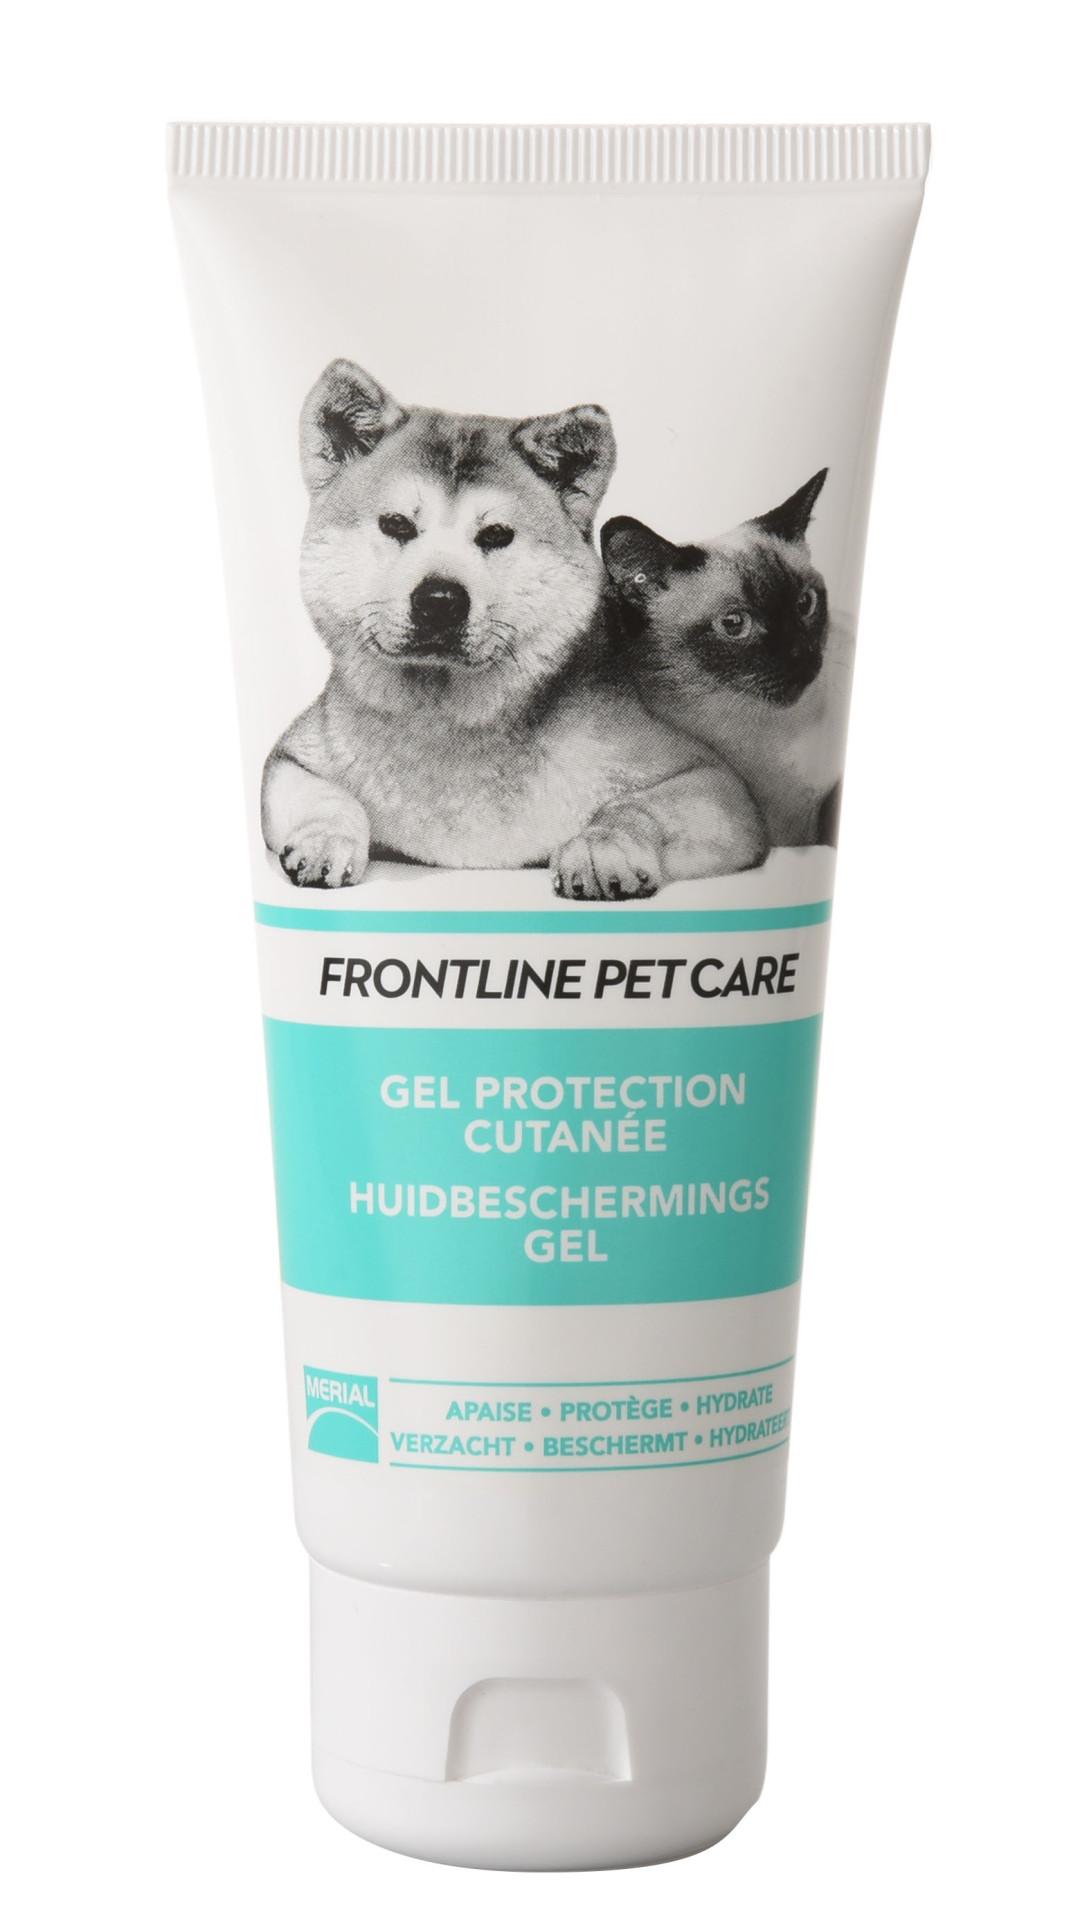 Frontline Pet Care huidbeschermingsgel 100 ml